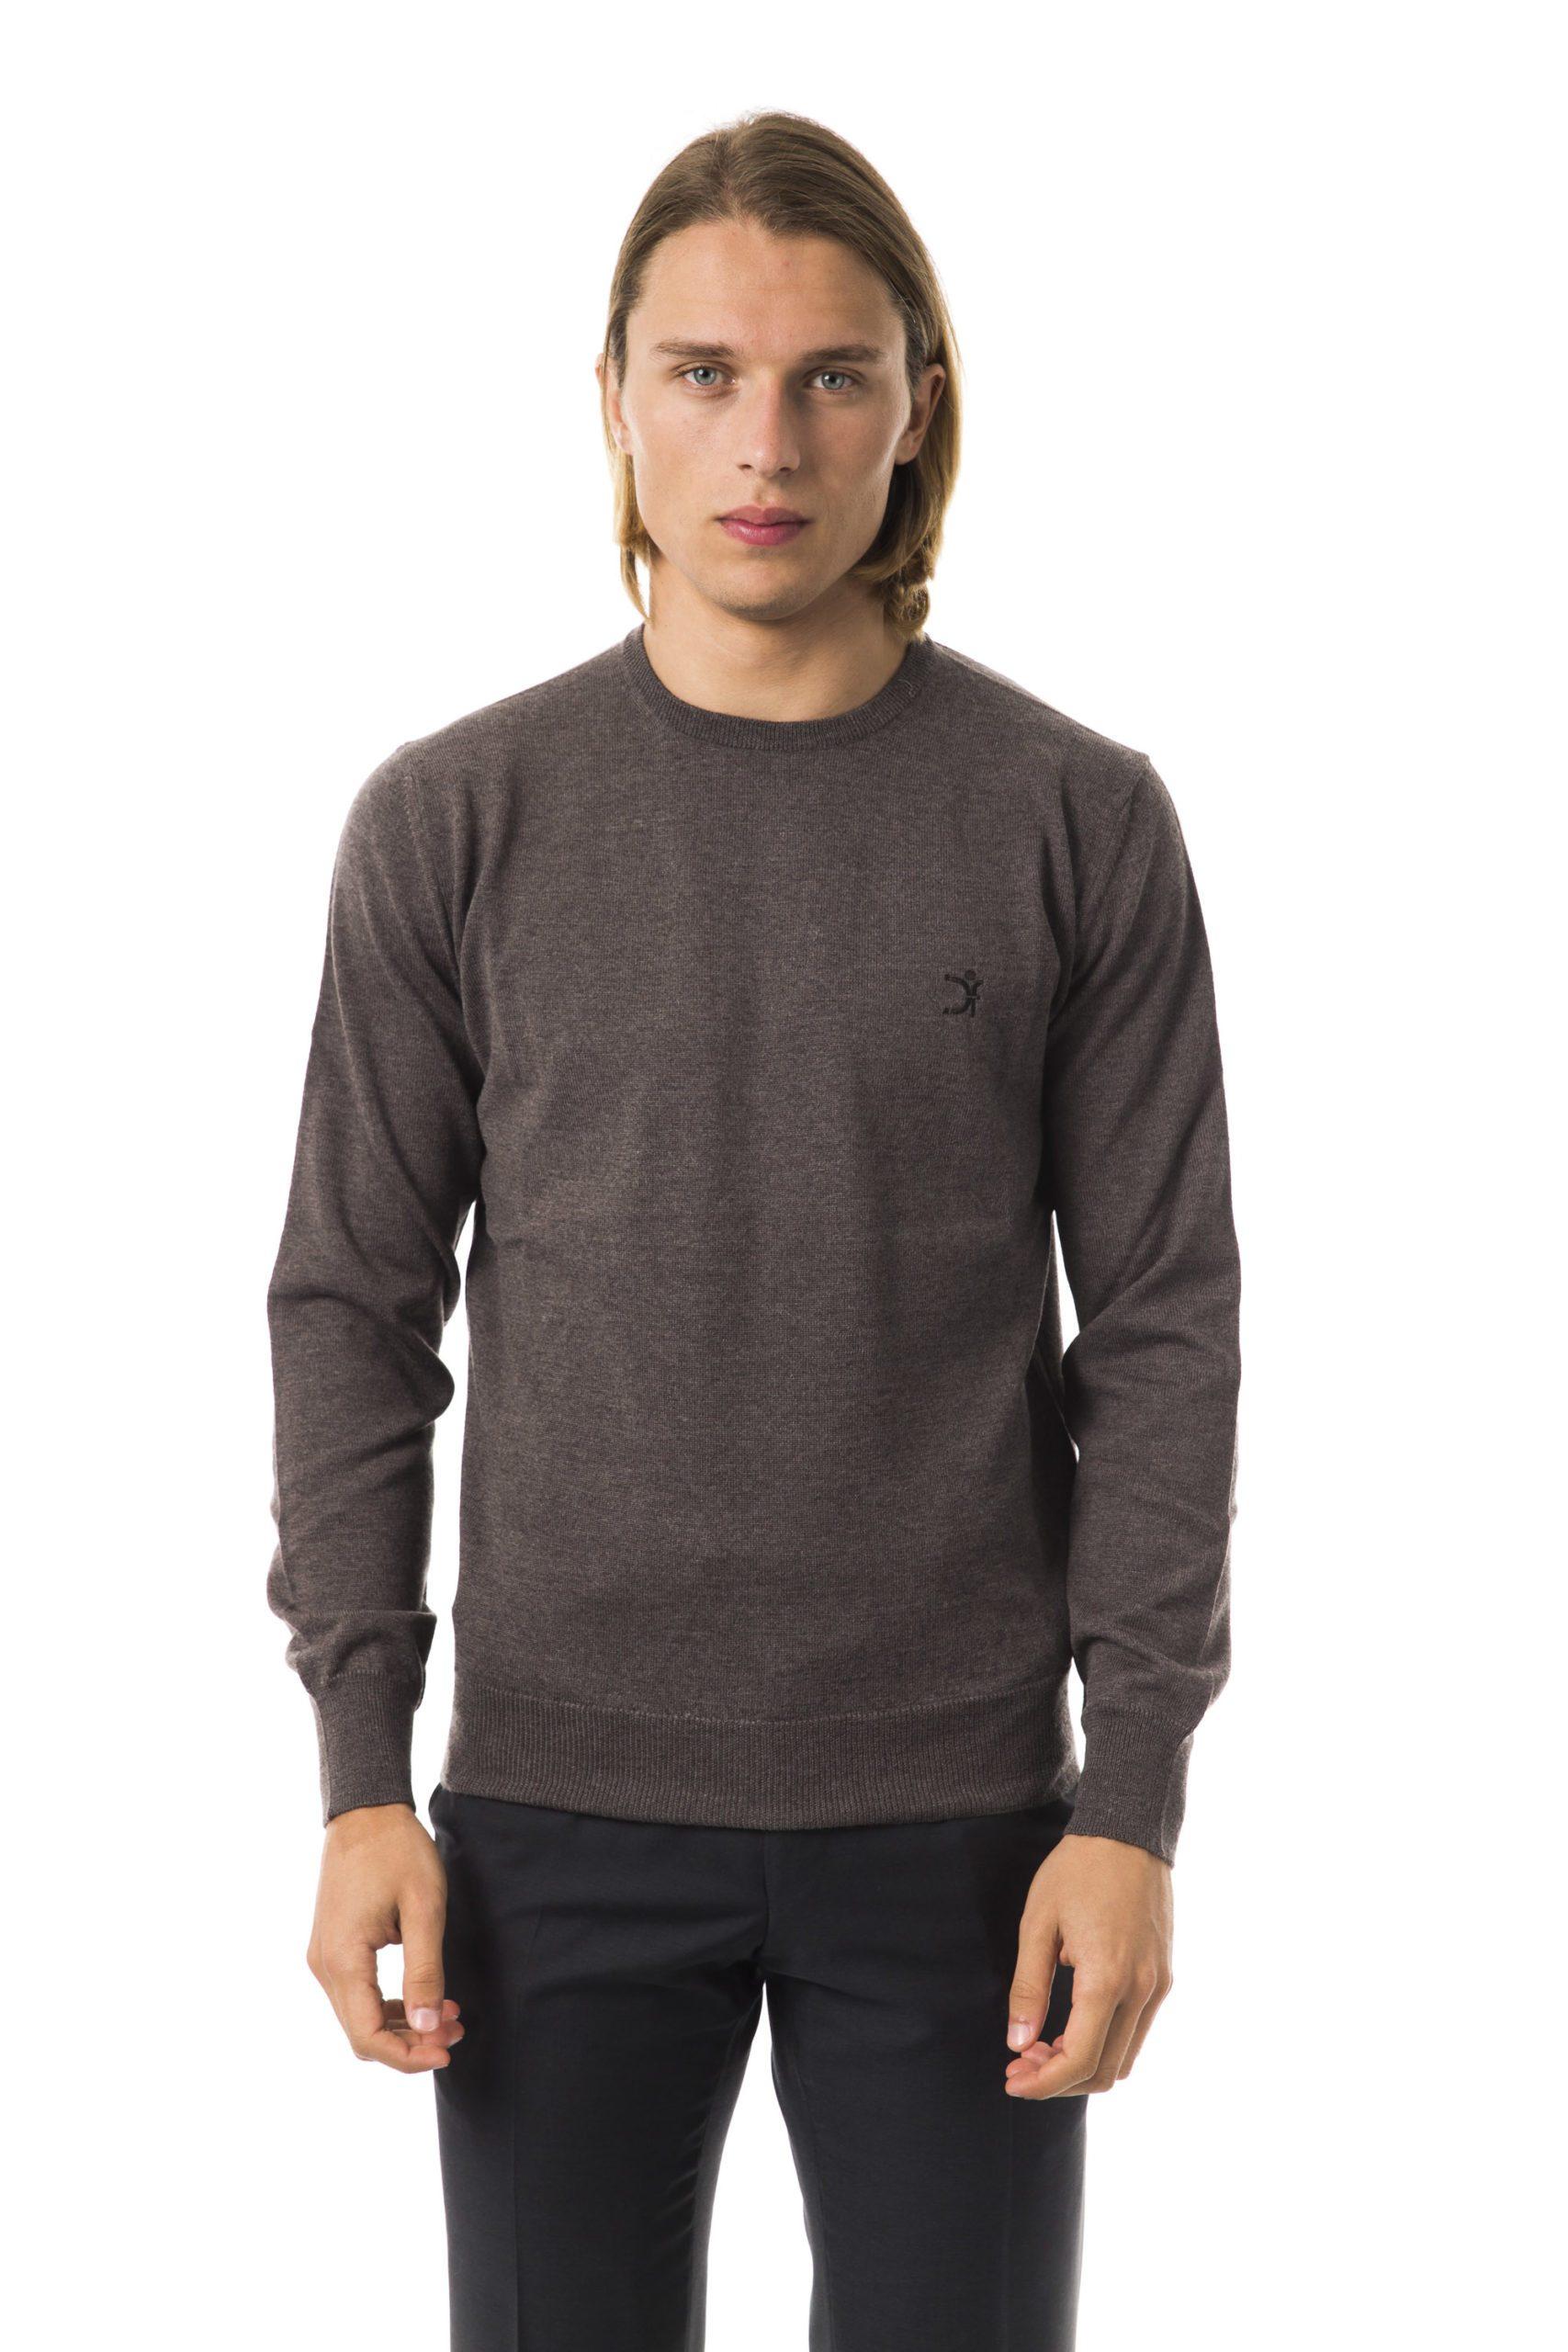 Uominitaliani Men's Noce Sweater Gray UO816624 - L